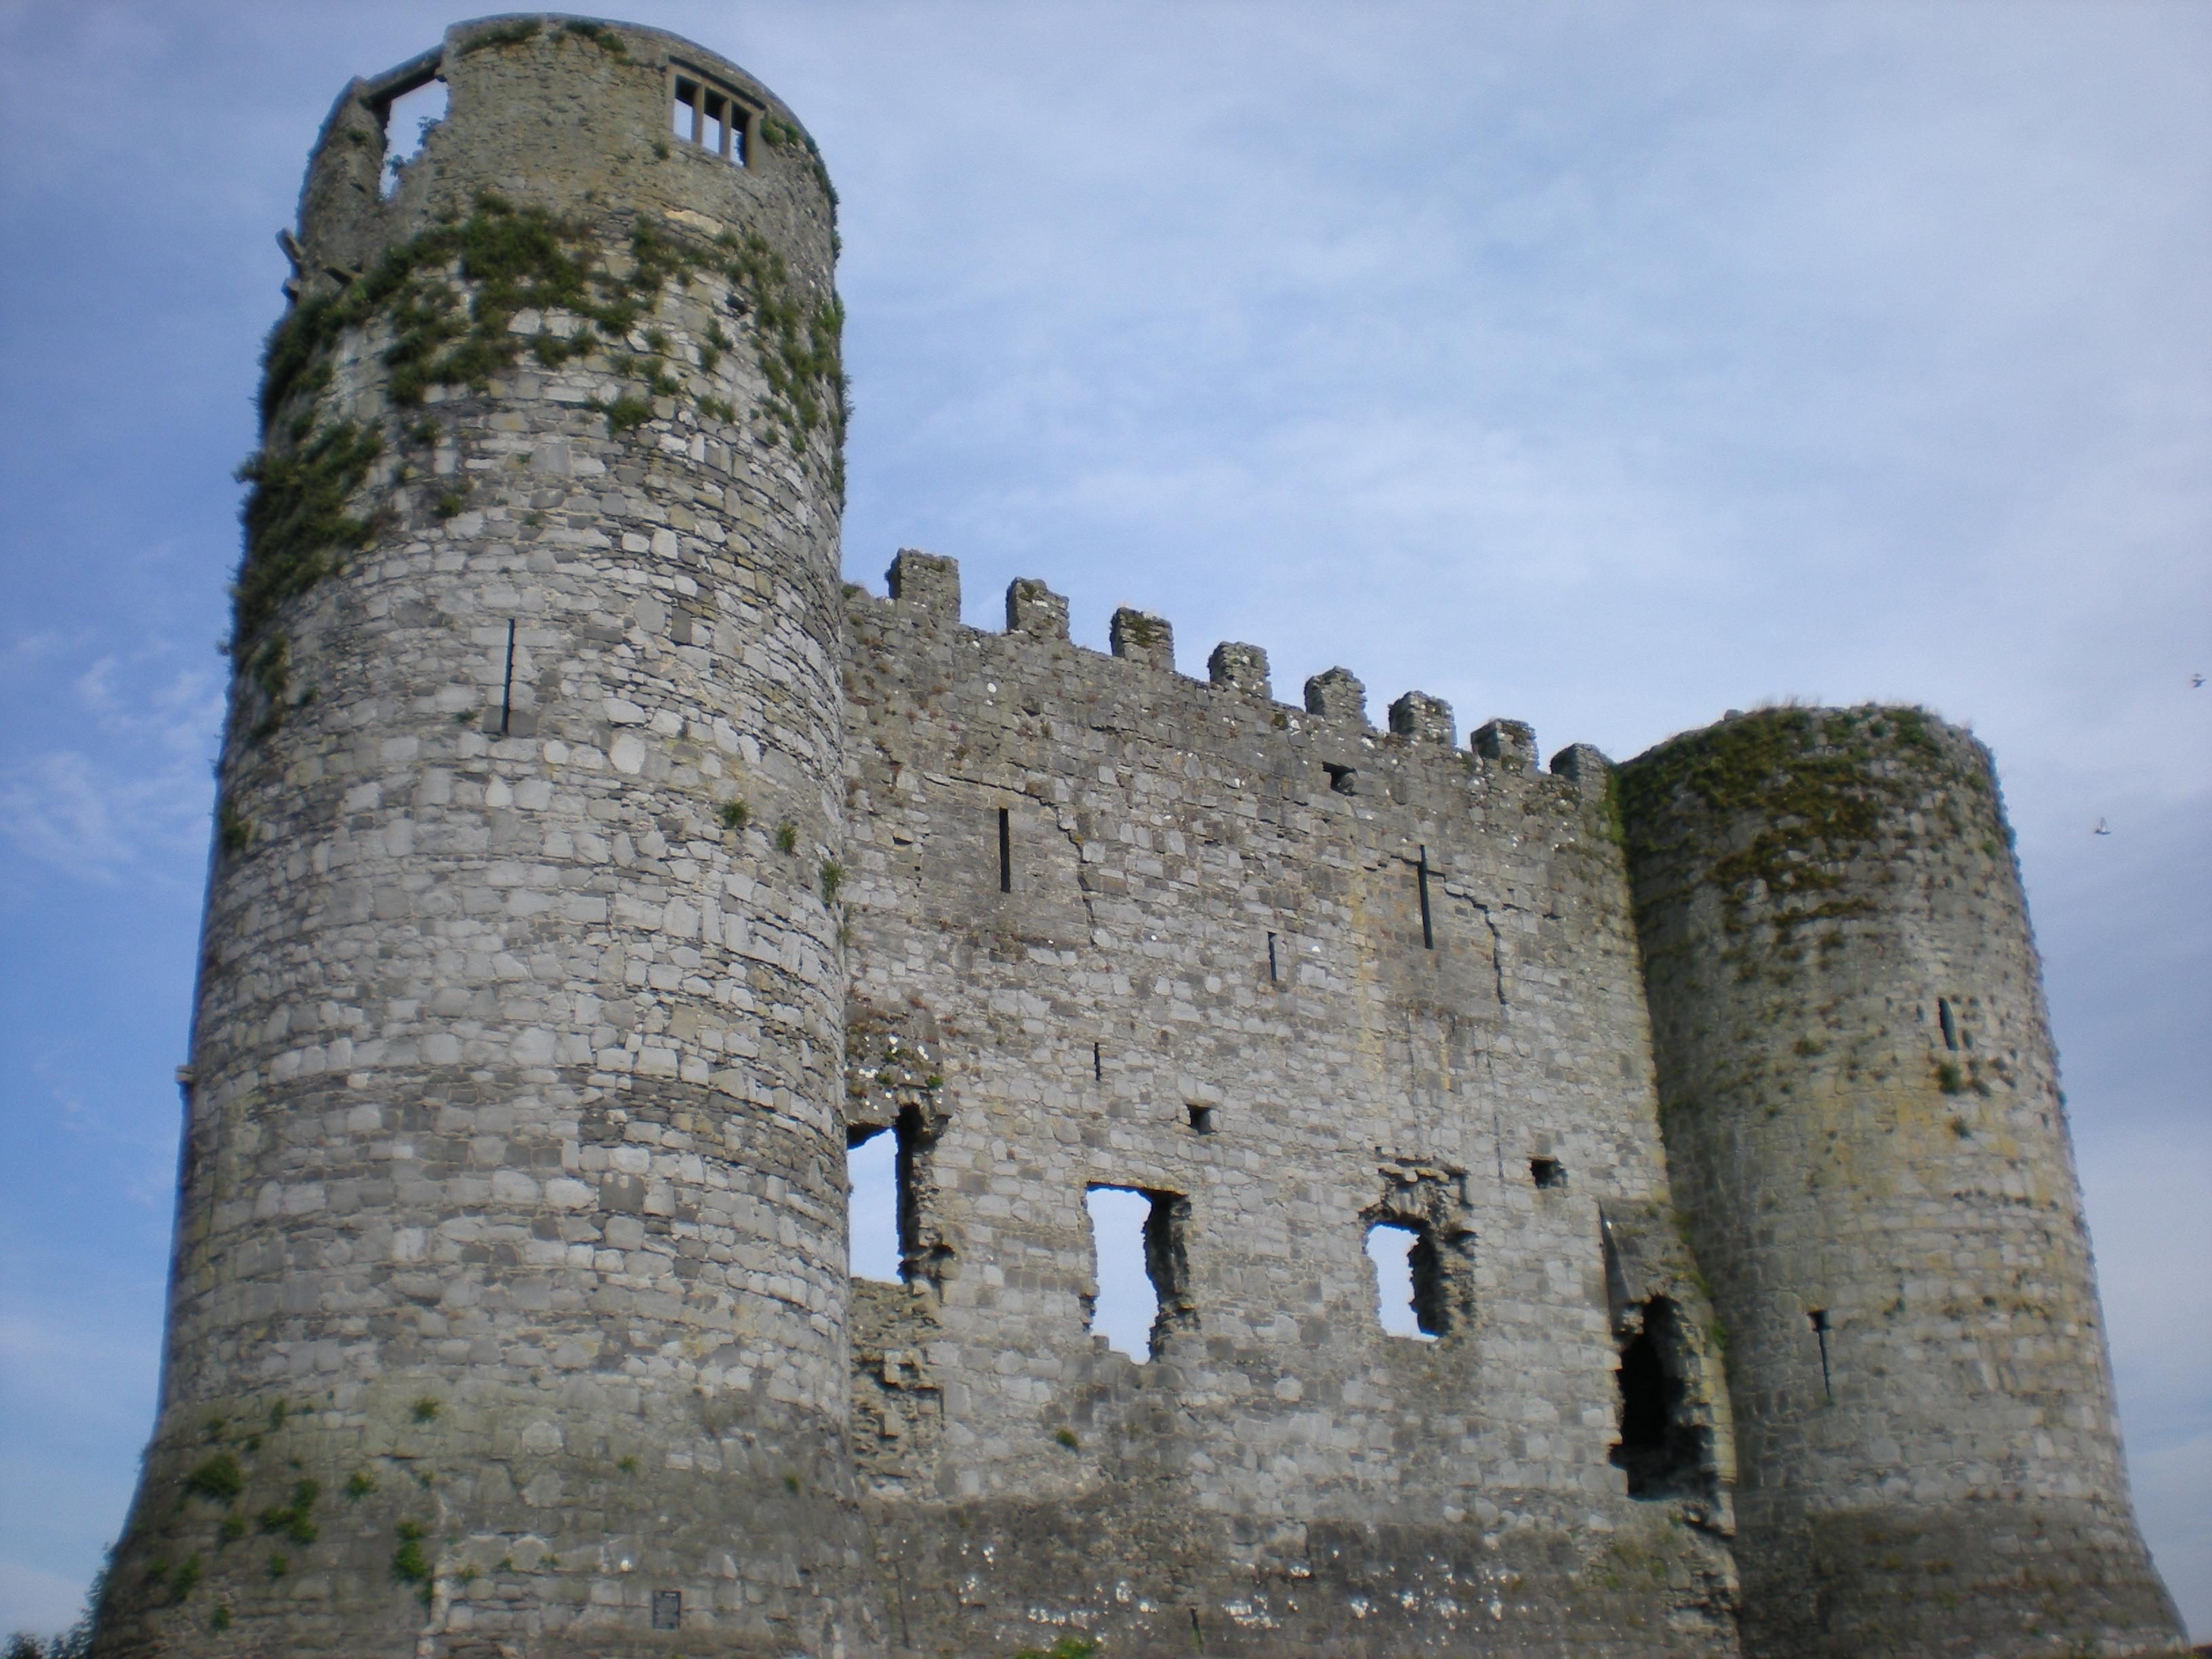 Carlow Castle (Caisleán Cheatharlach)